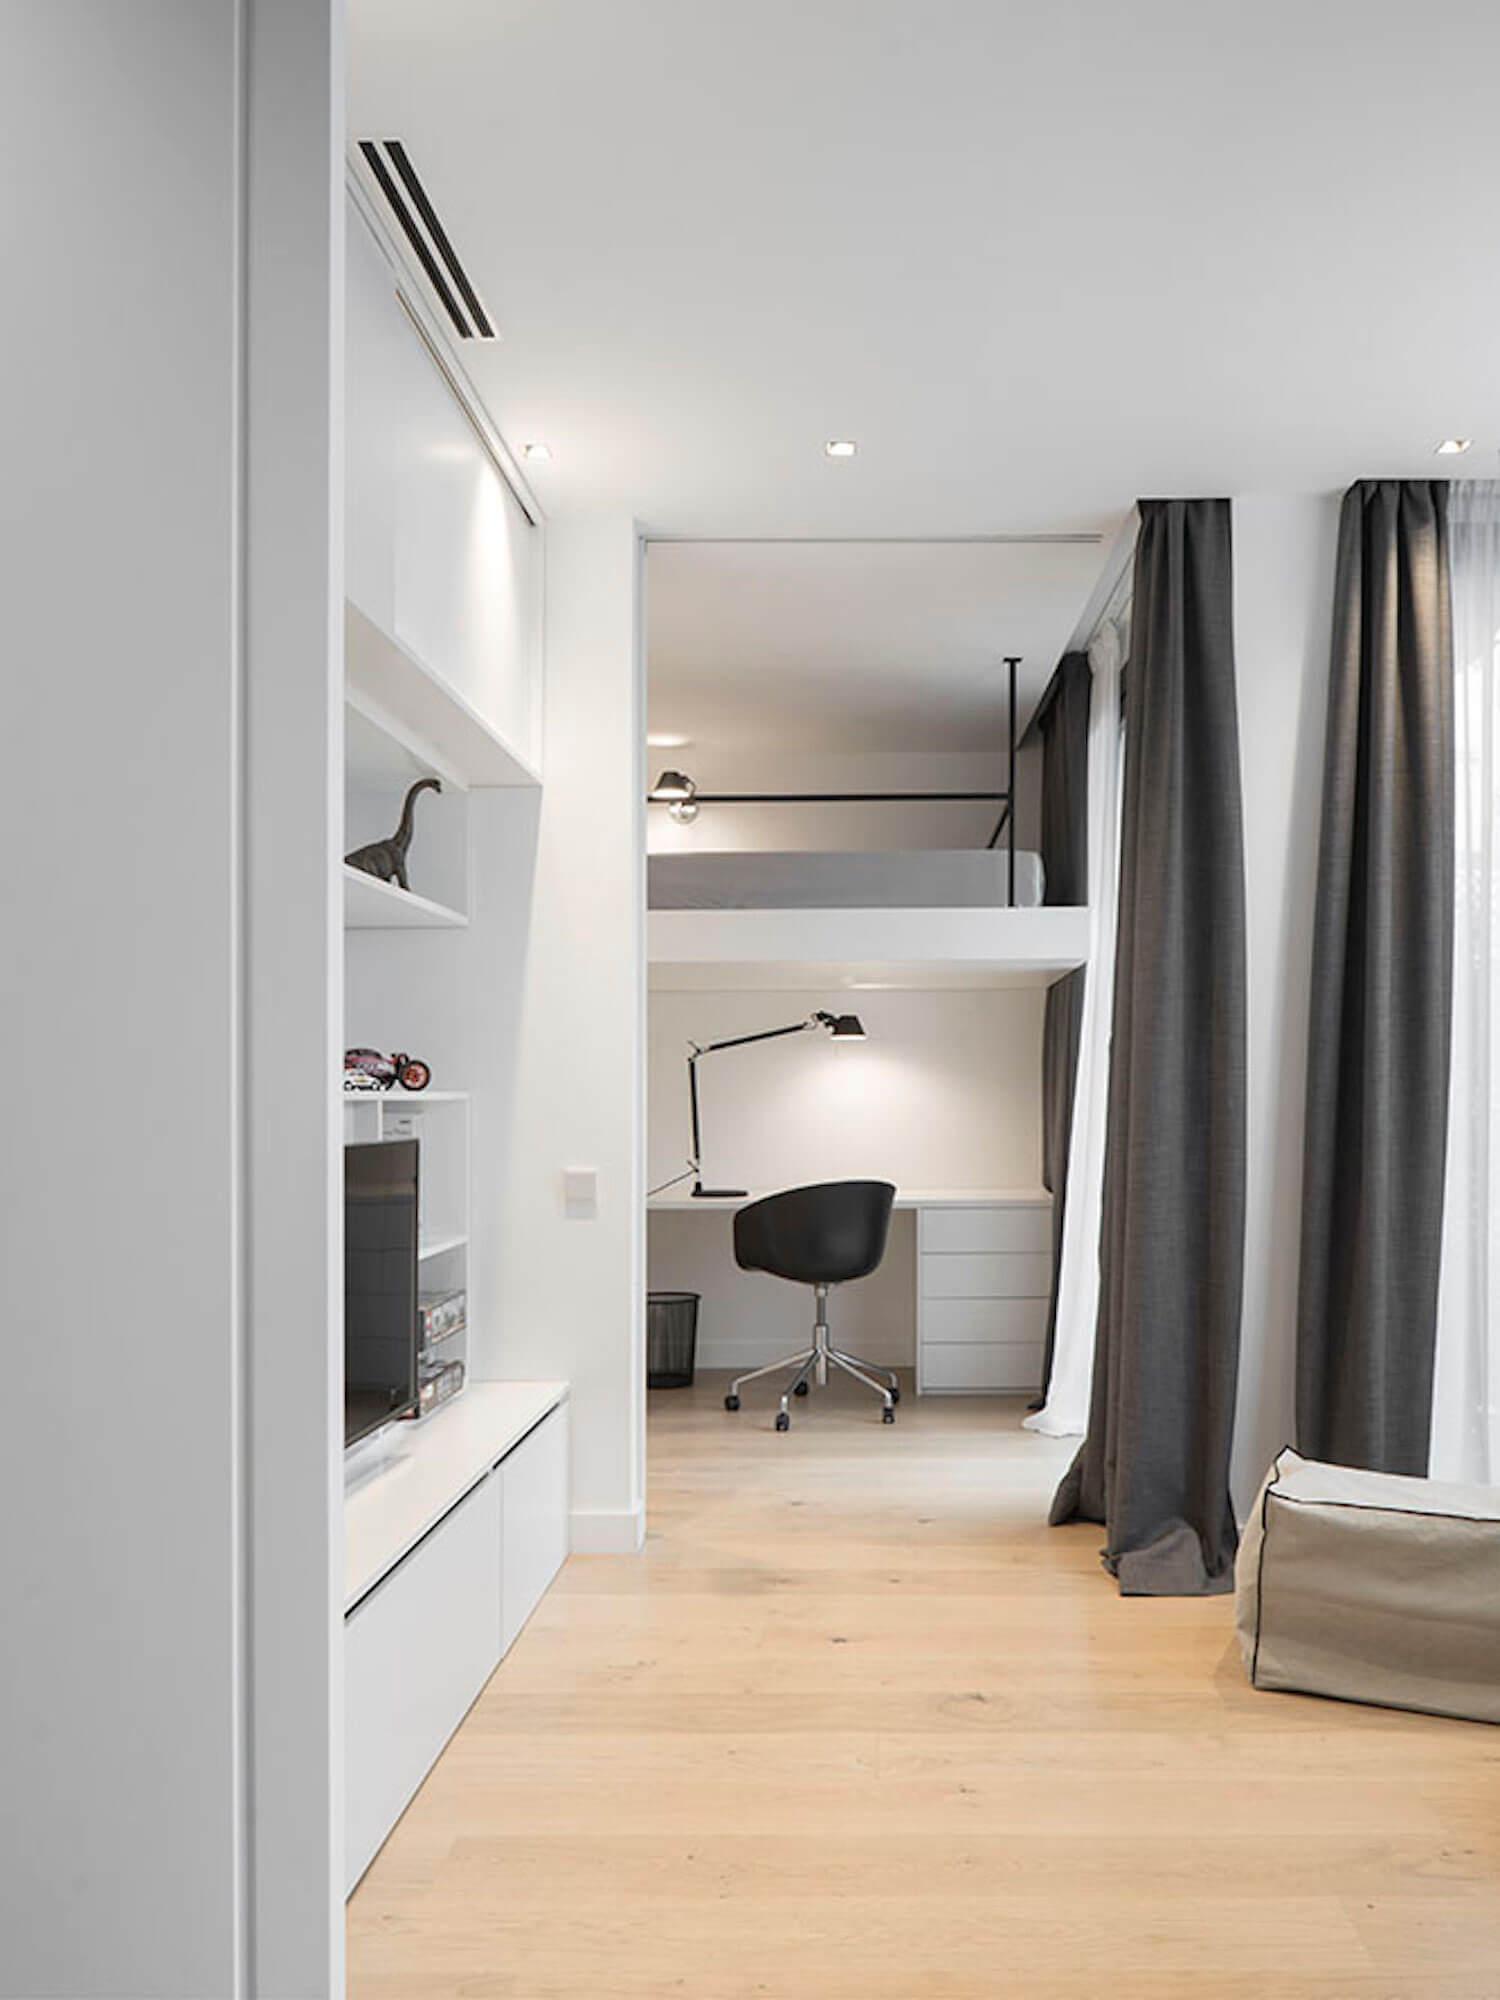 est living interiors barclona house 13